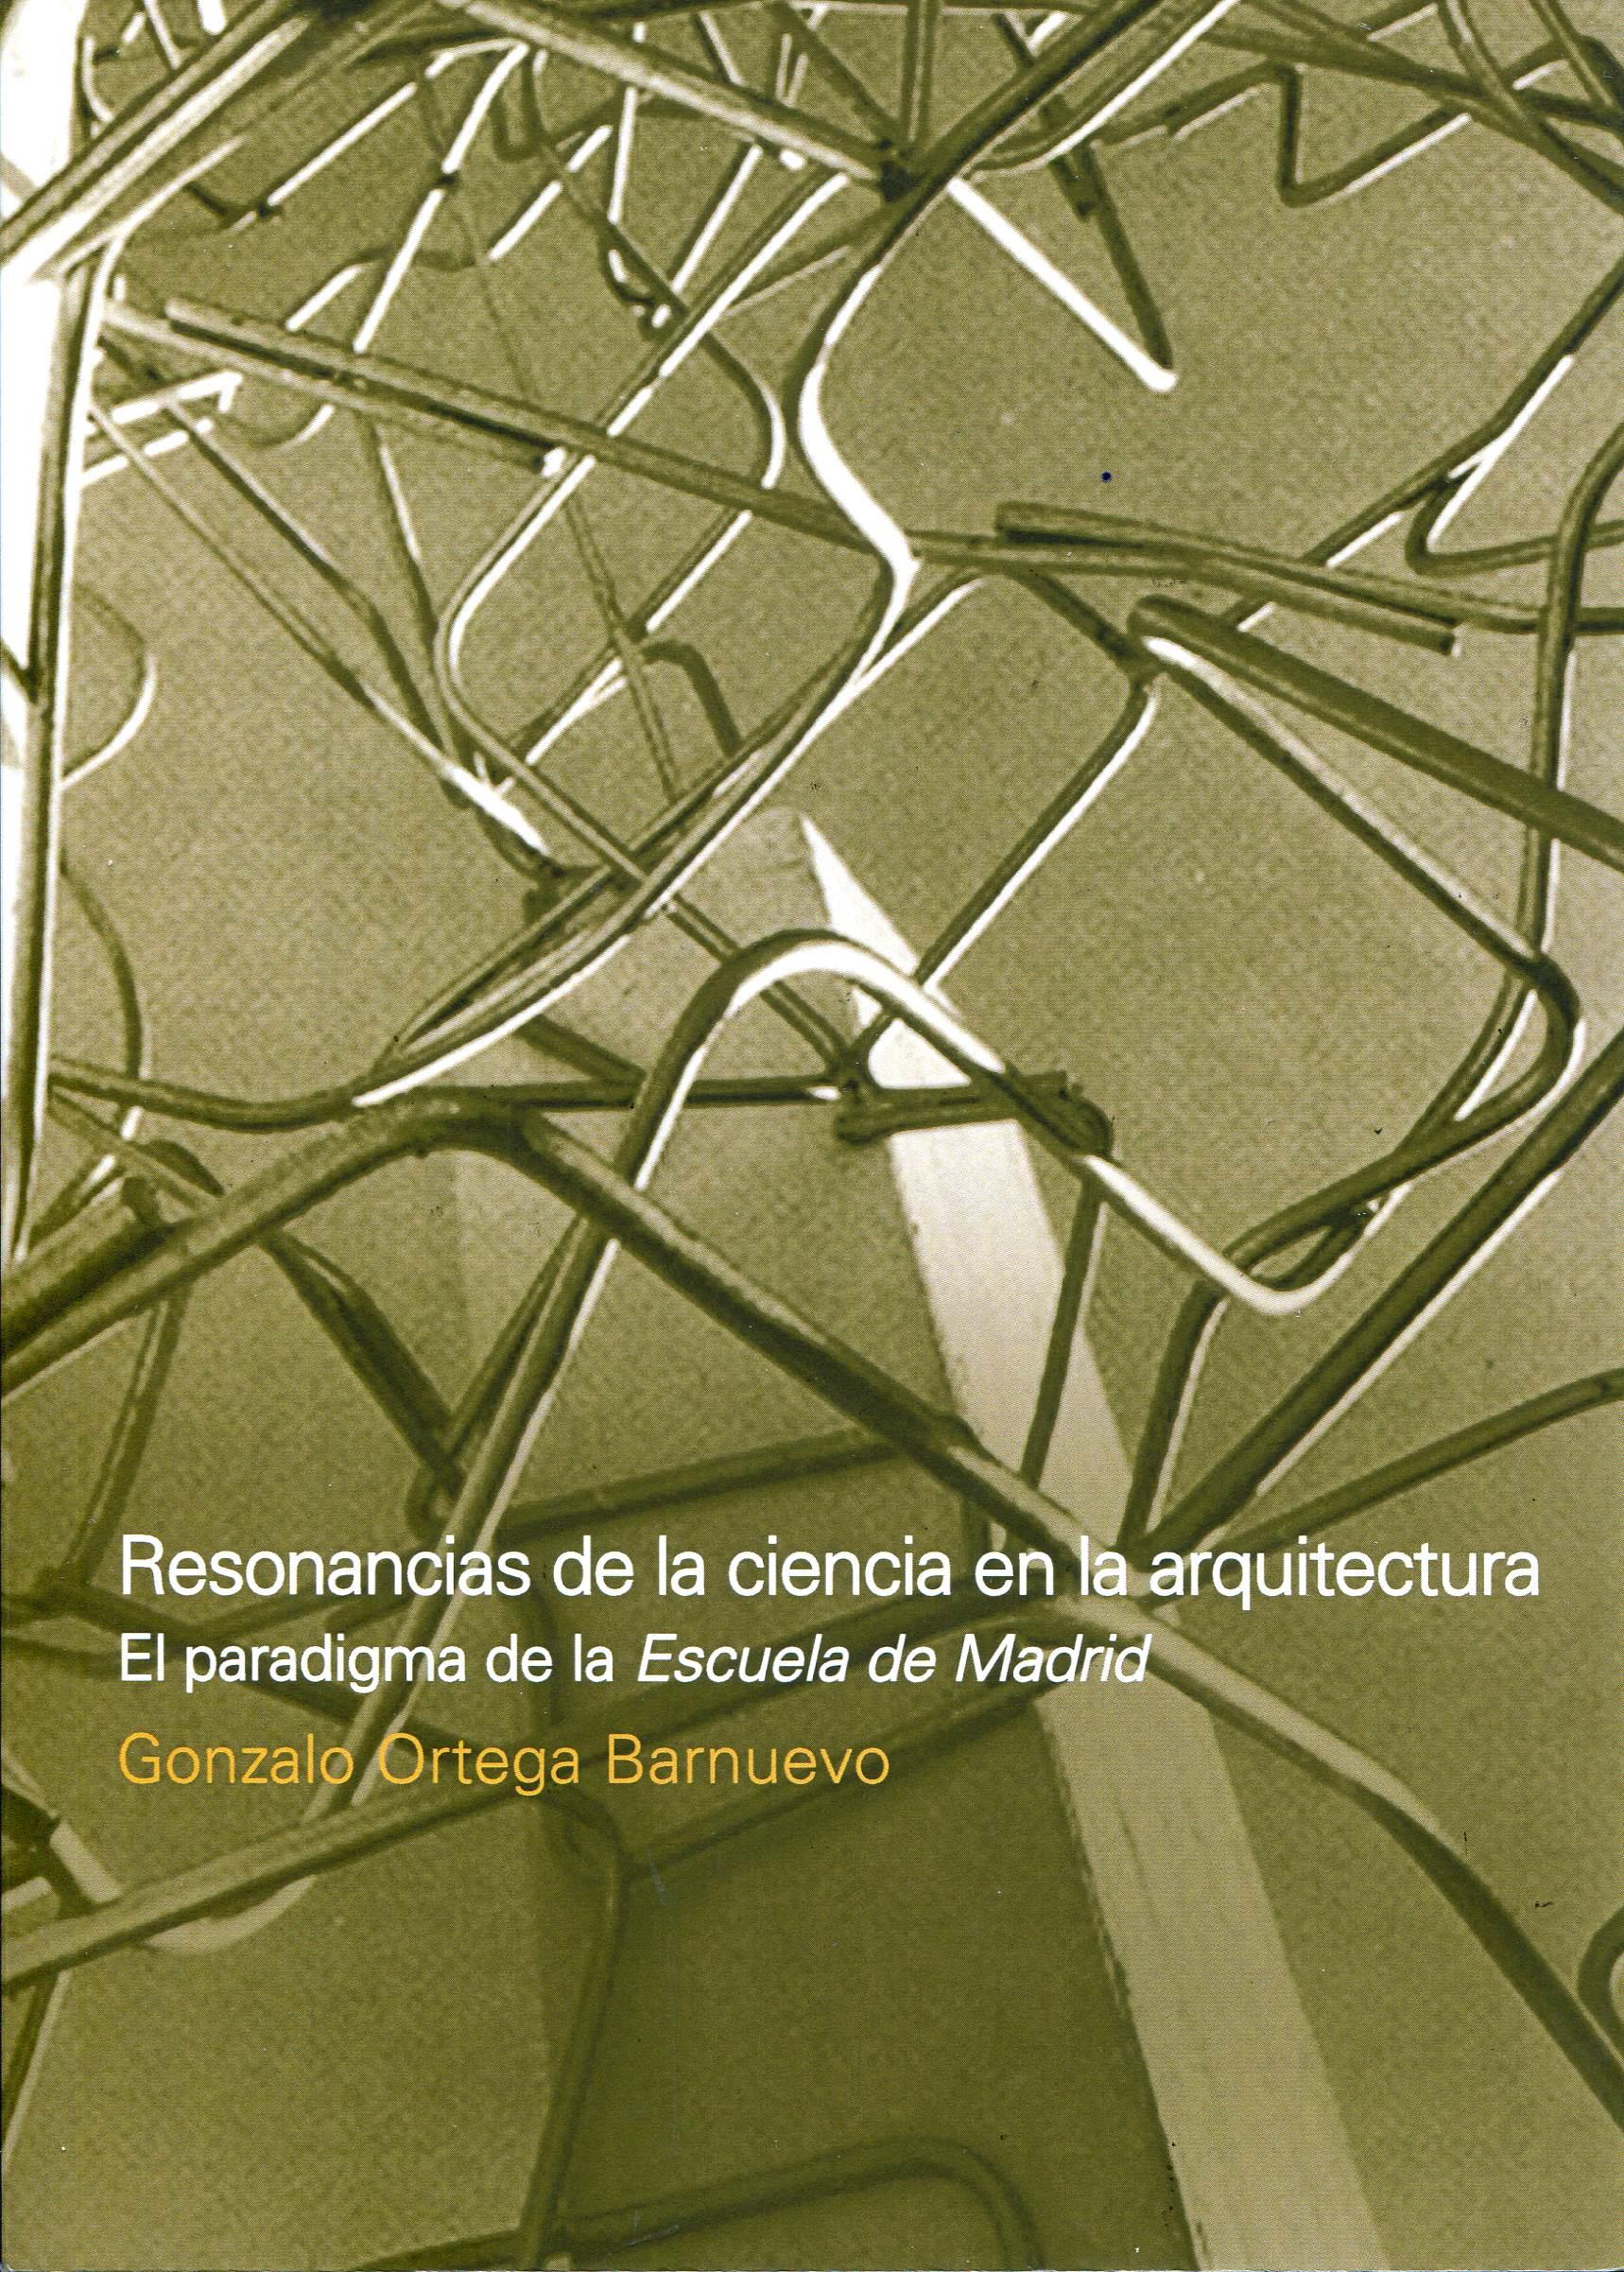 1 Resonancias de la Ciencia en la Arquitectura.jpg